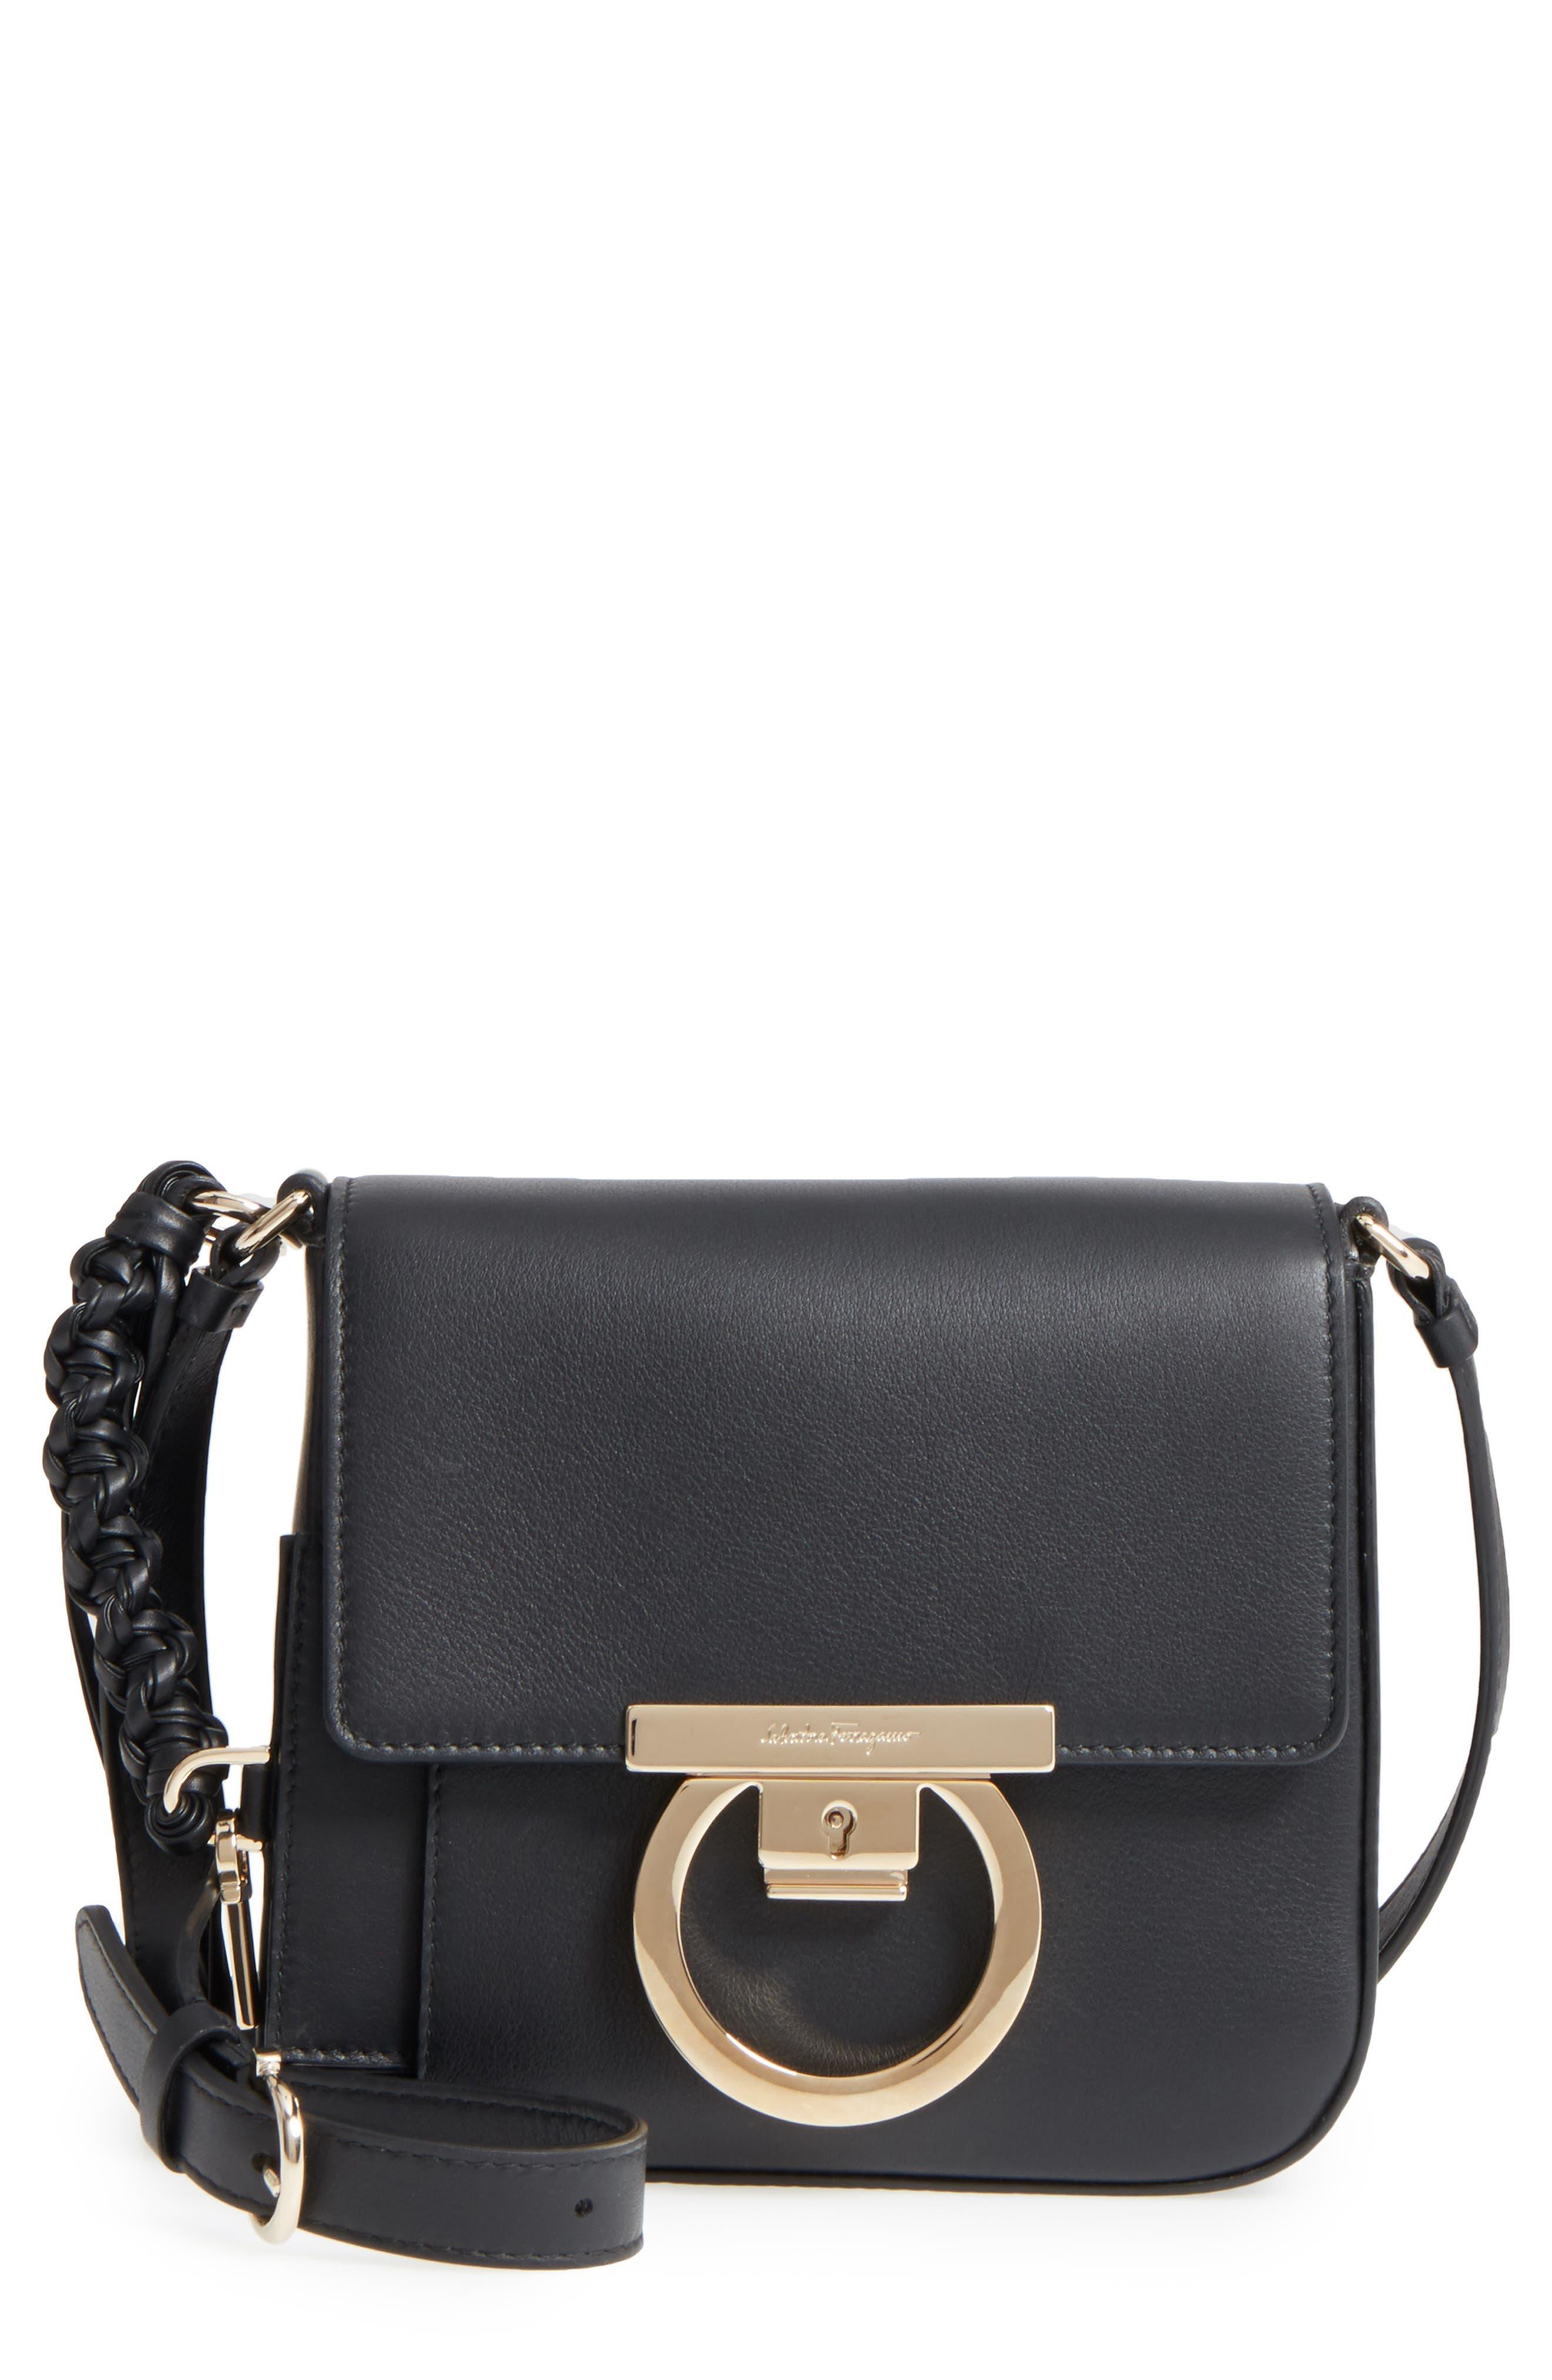 Gancio Lock Leather Crossbody Bag,                         Main,                         color, Nero